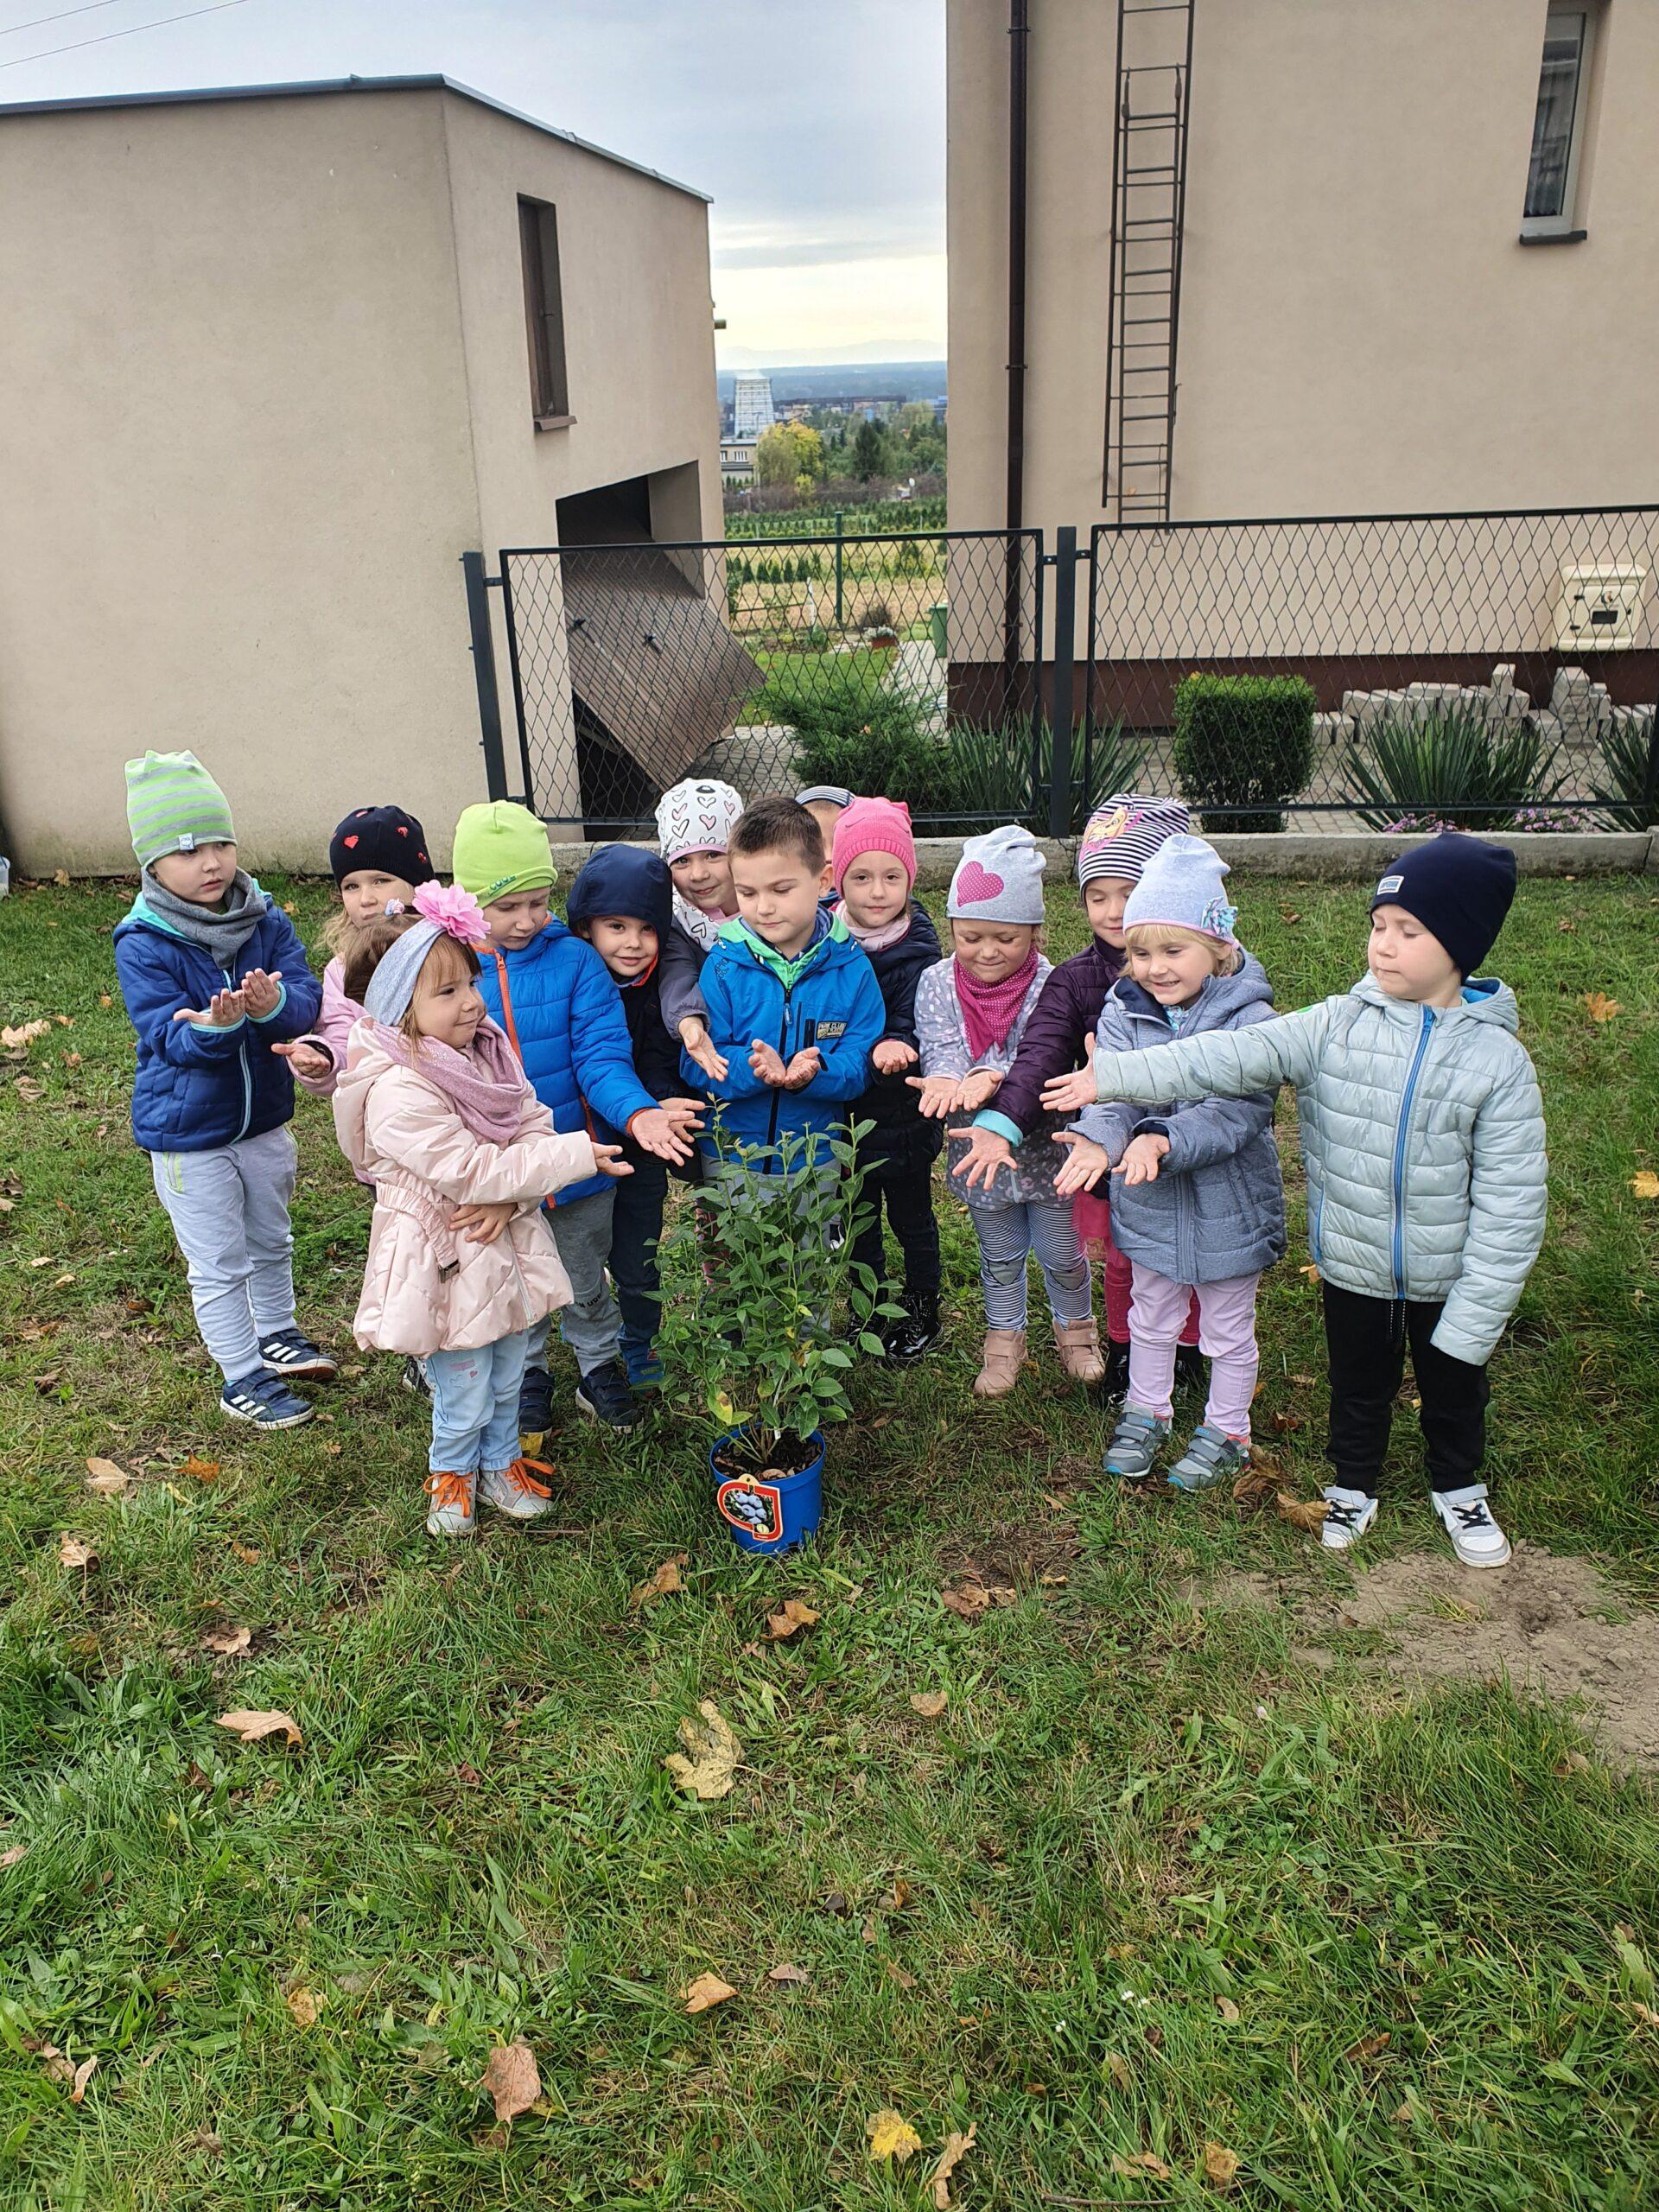 grupa dzieci stoi na podwórku, przed nimi stoi sadzonka borówki